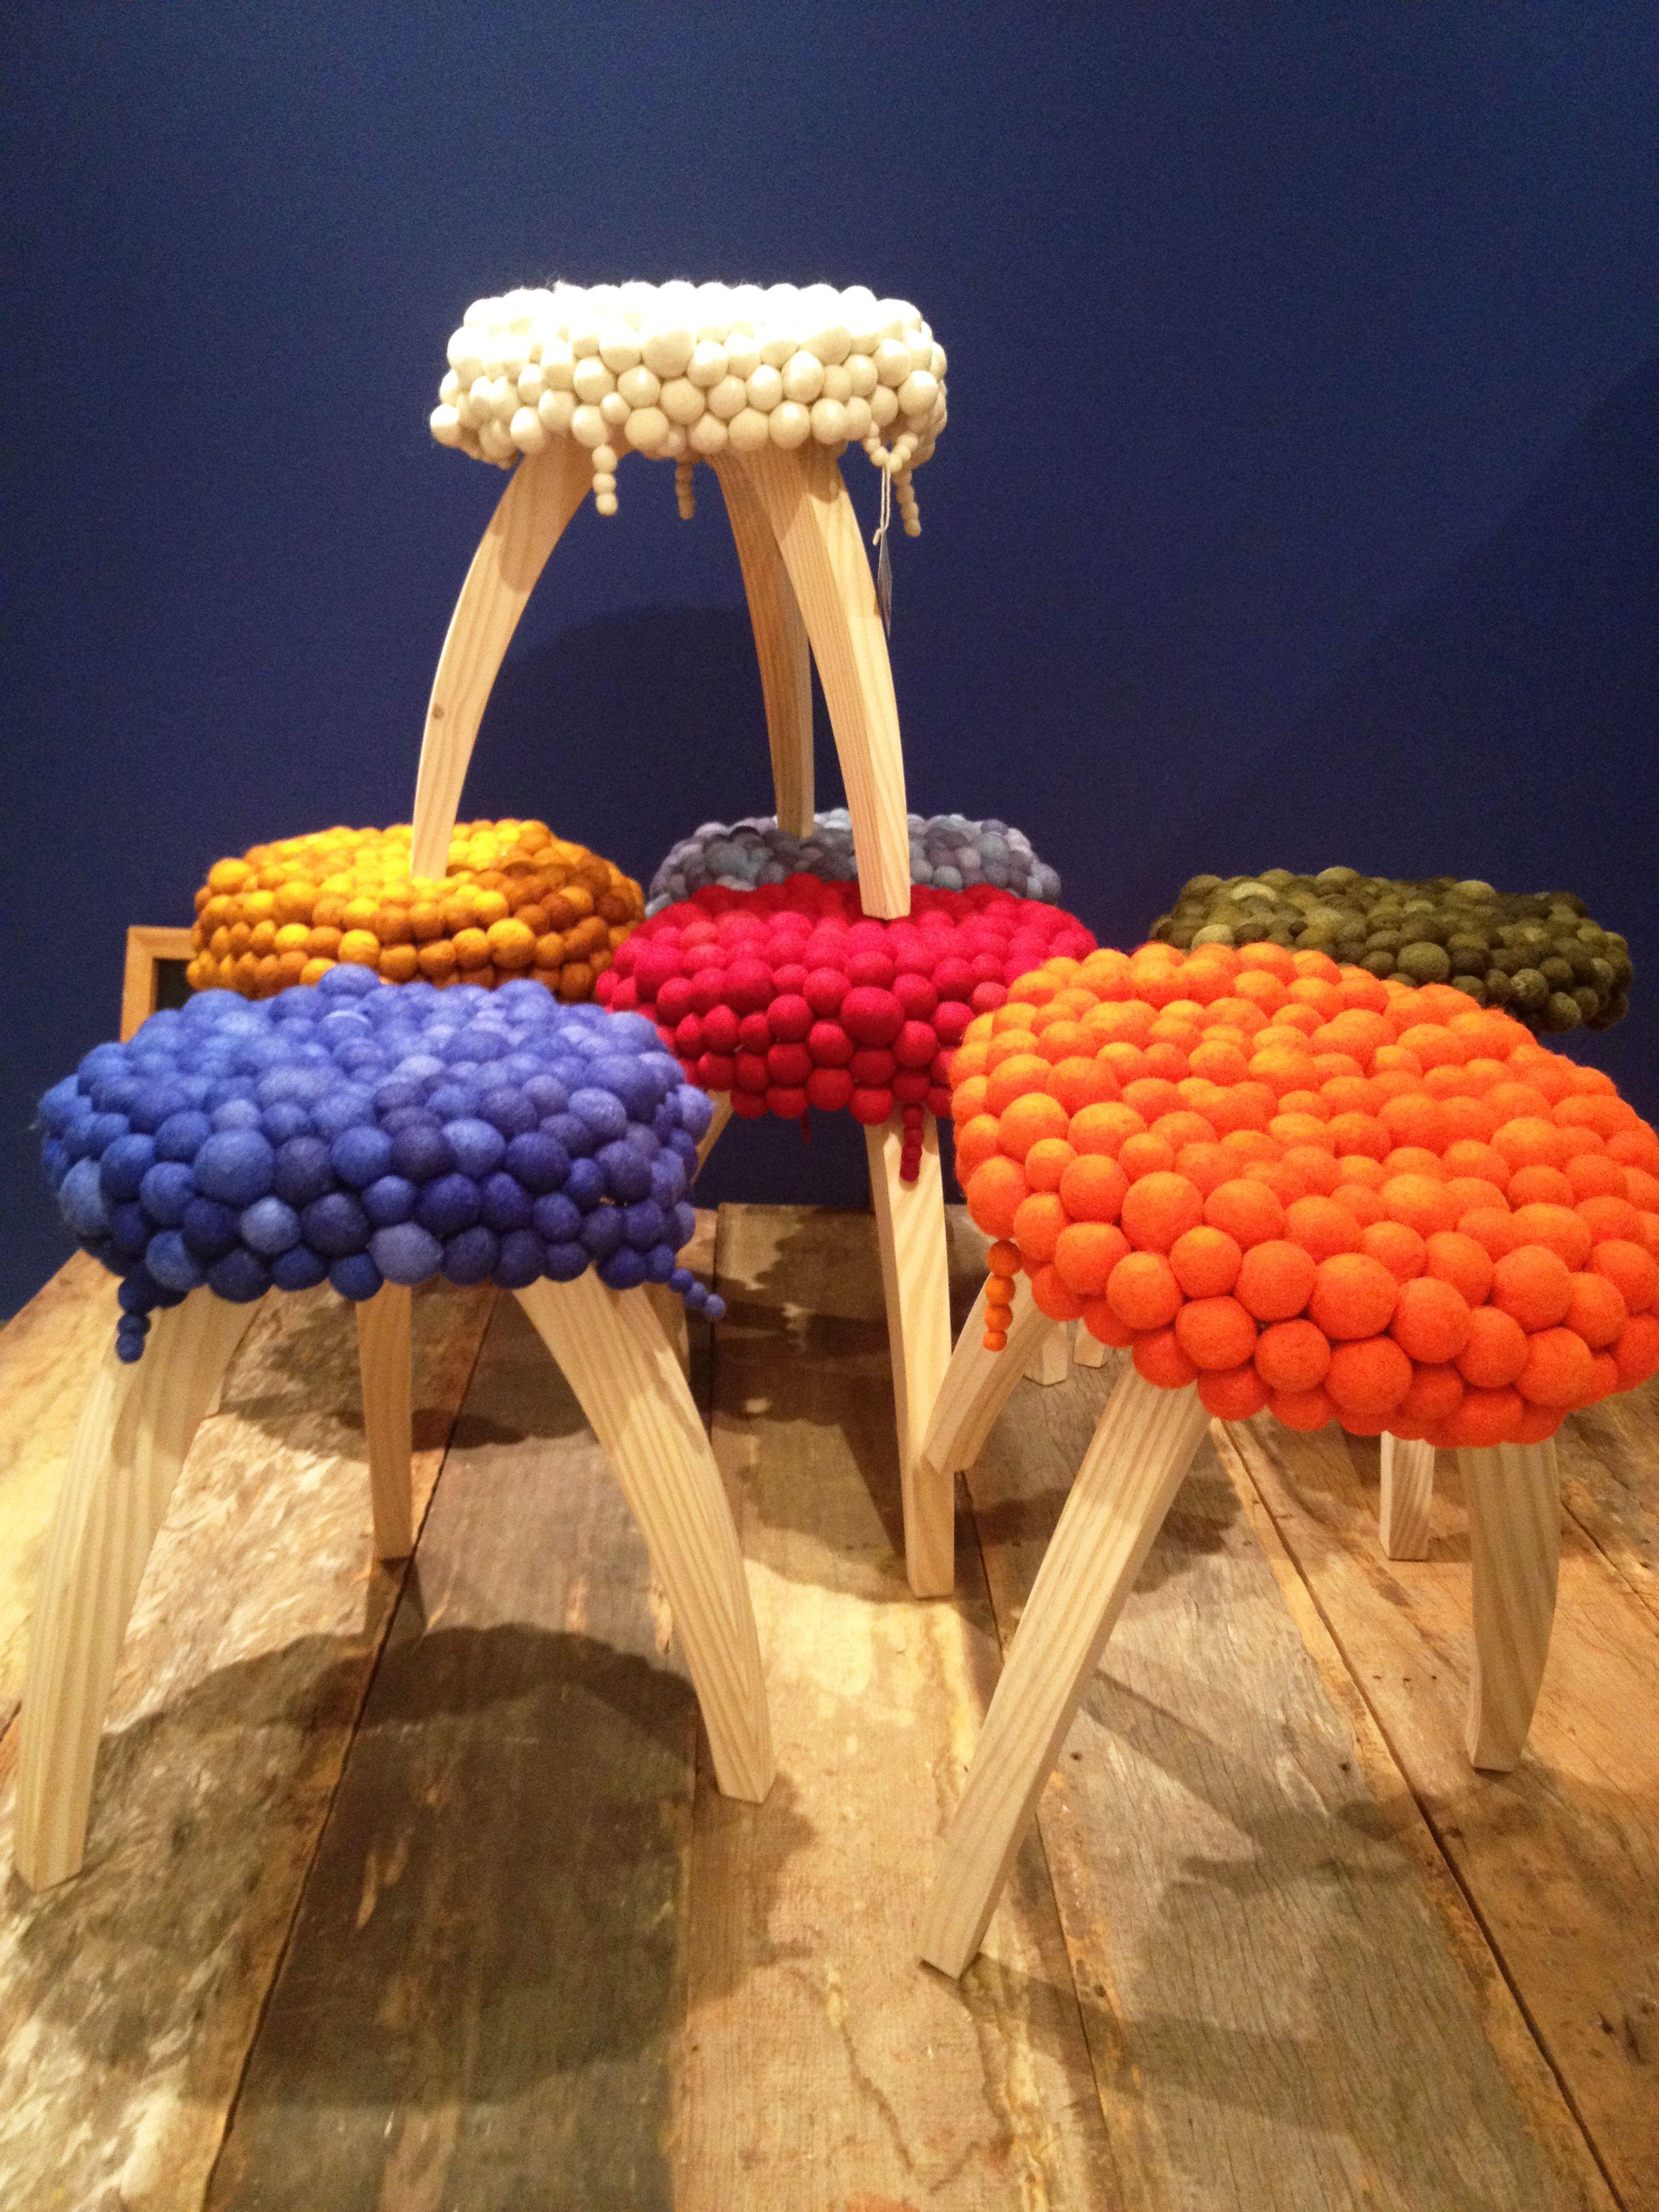 Cores, artesanato e lã